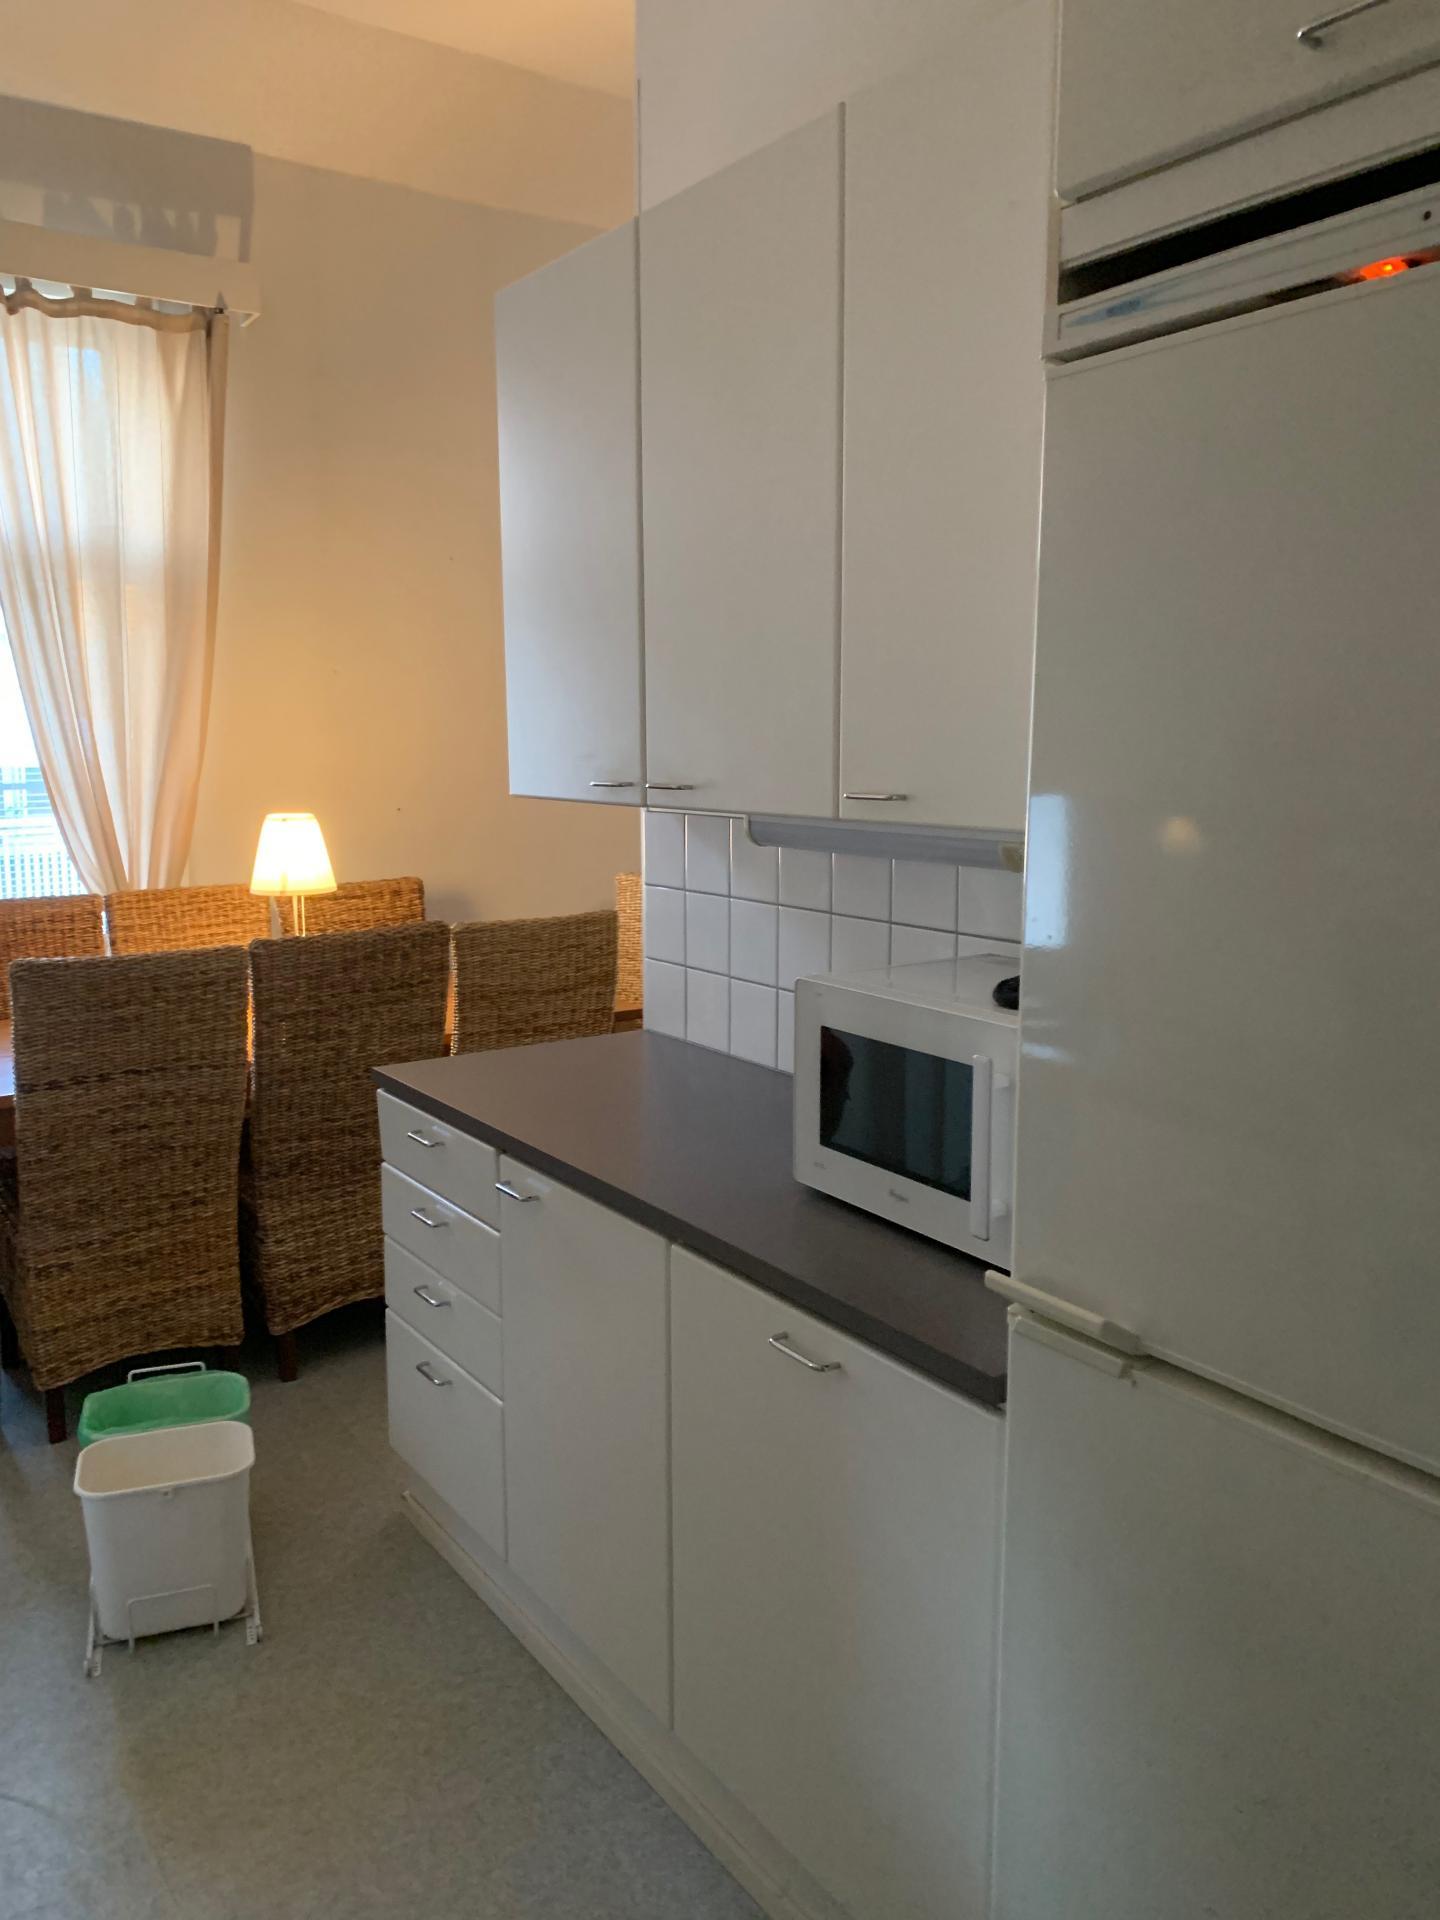 Kitchen at Pikkuympyräkatu Apartments